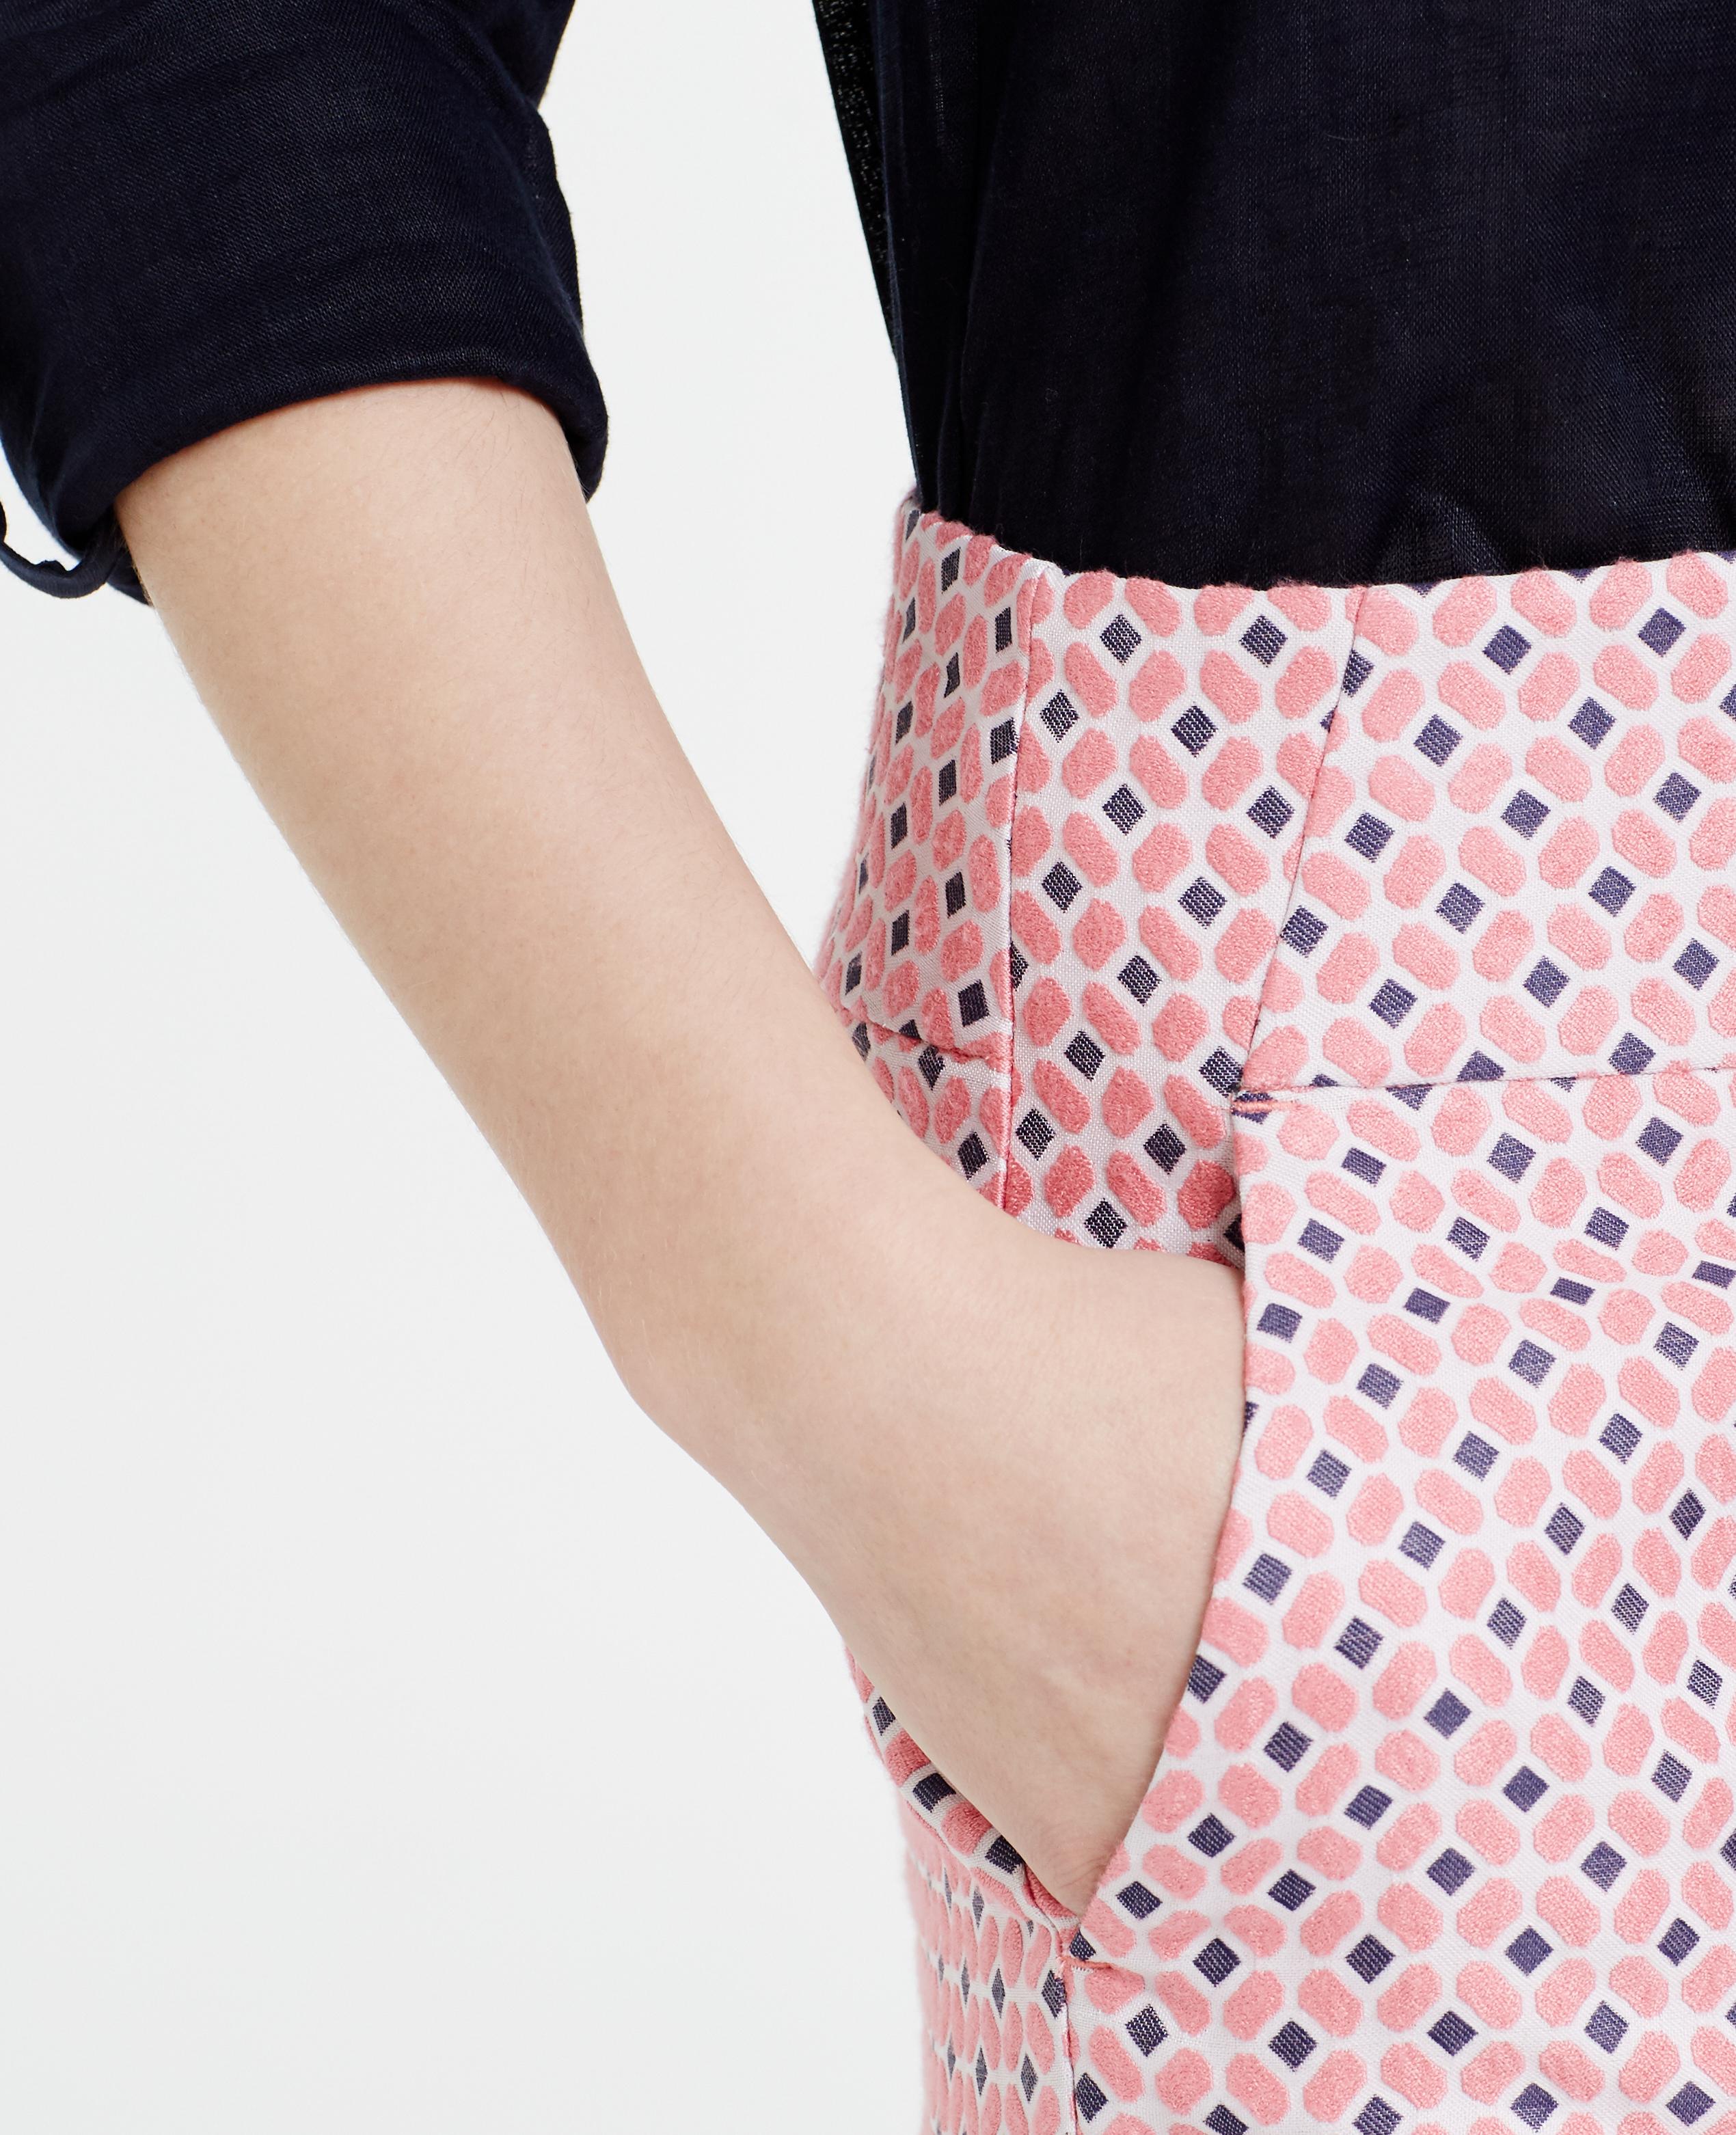 1bb9d20d49bb27 Ann Taylor Petite Diamond Jacquard Mini Skirt in Pink - Lyst